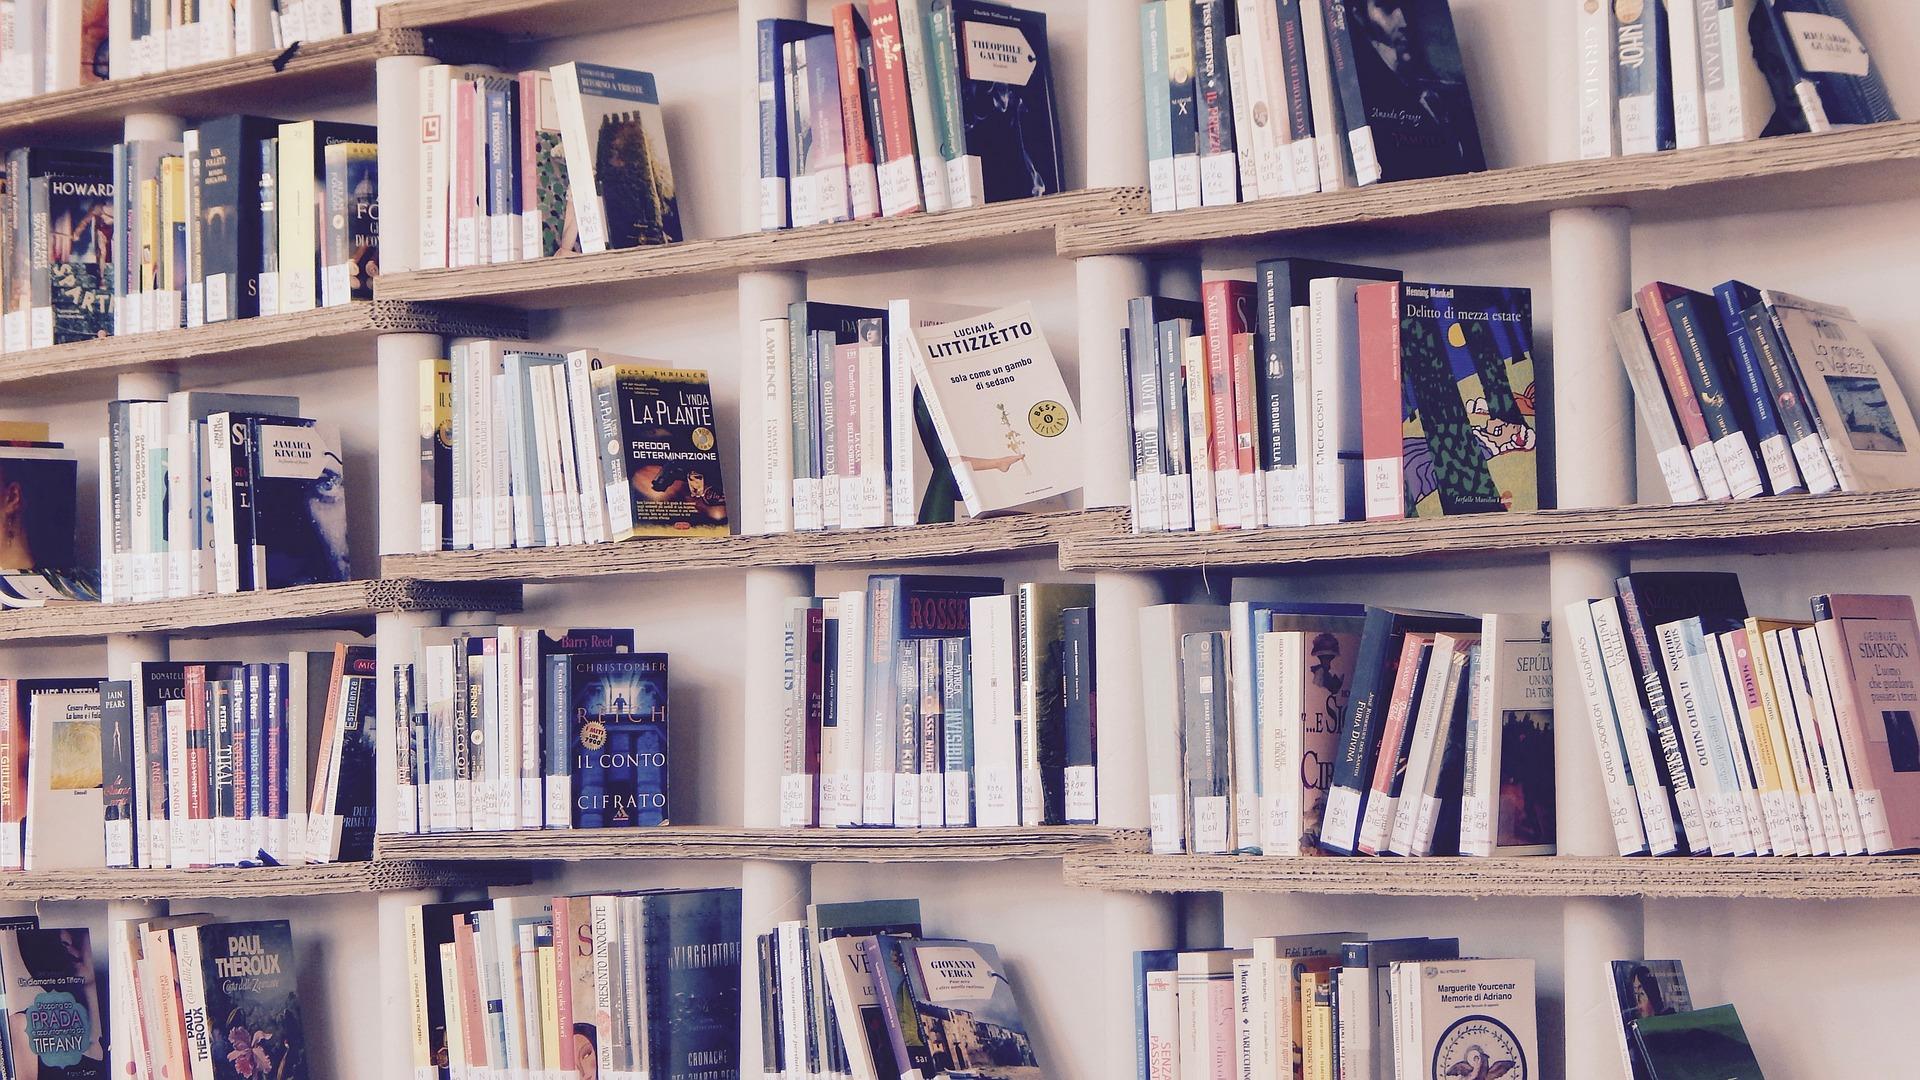 Headerbild_Bücherregal_Pixabay von Marisa Sias